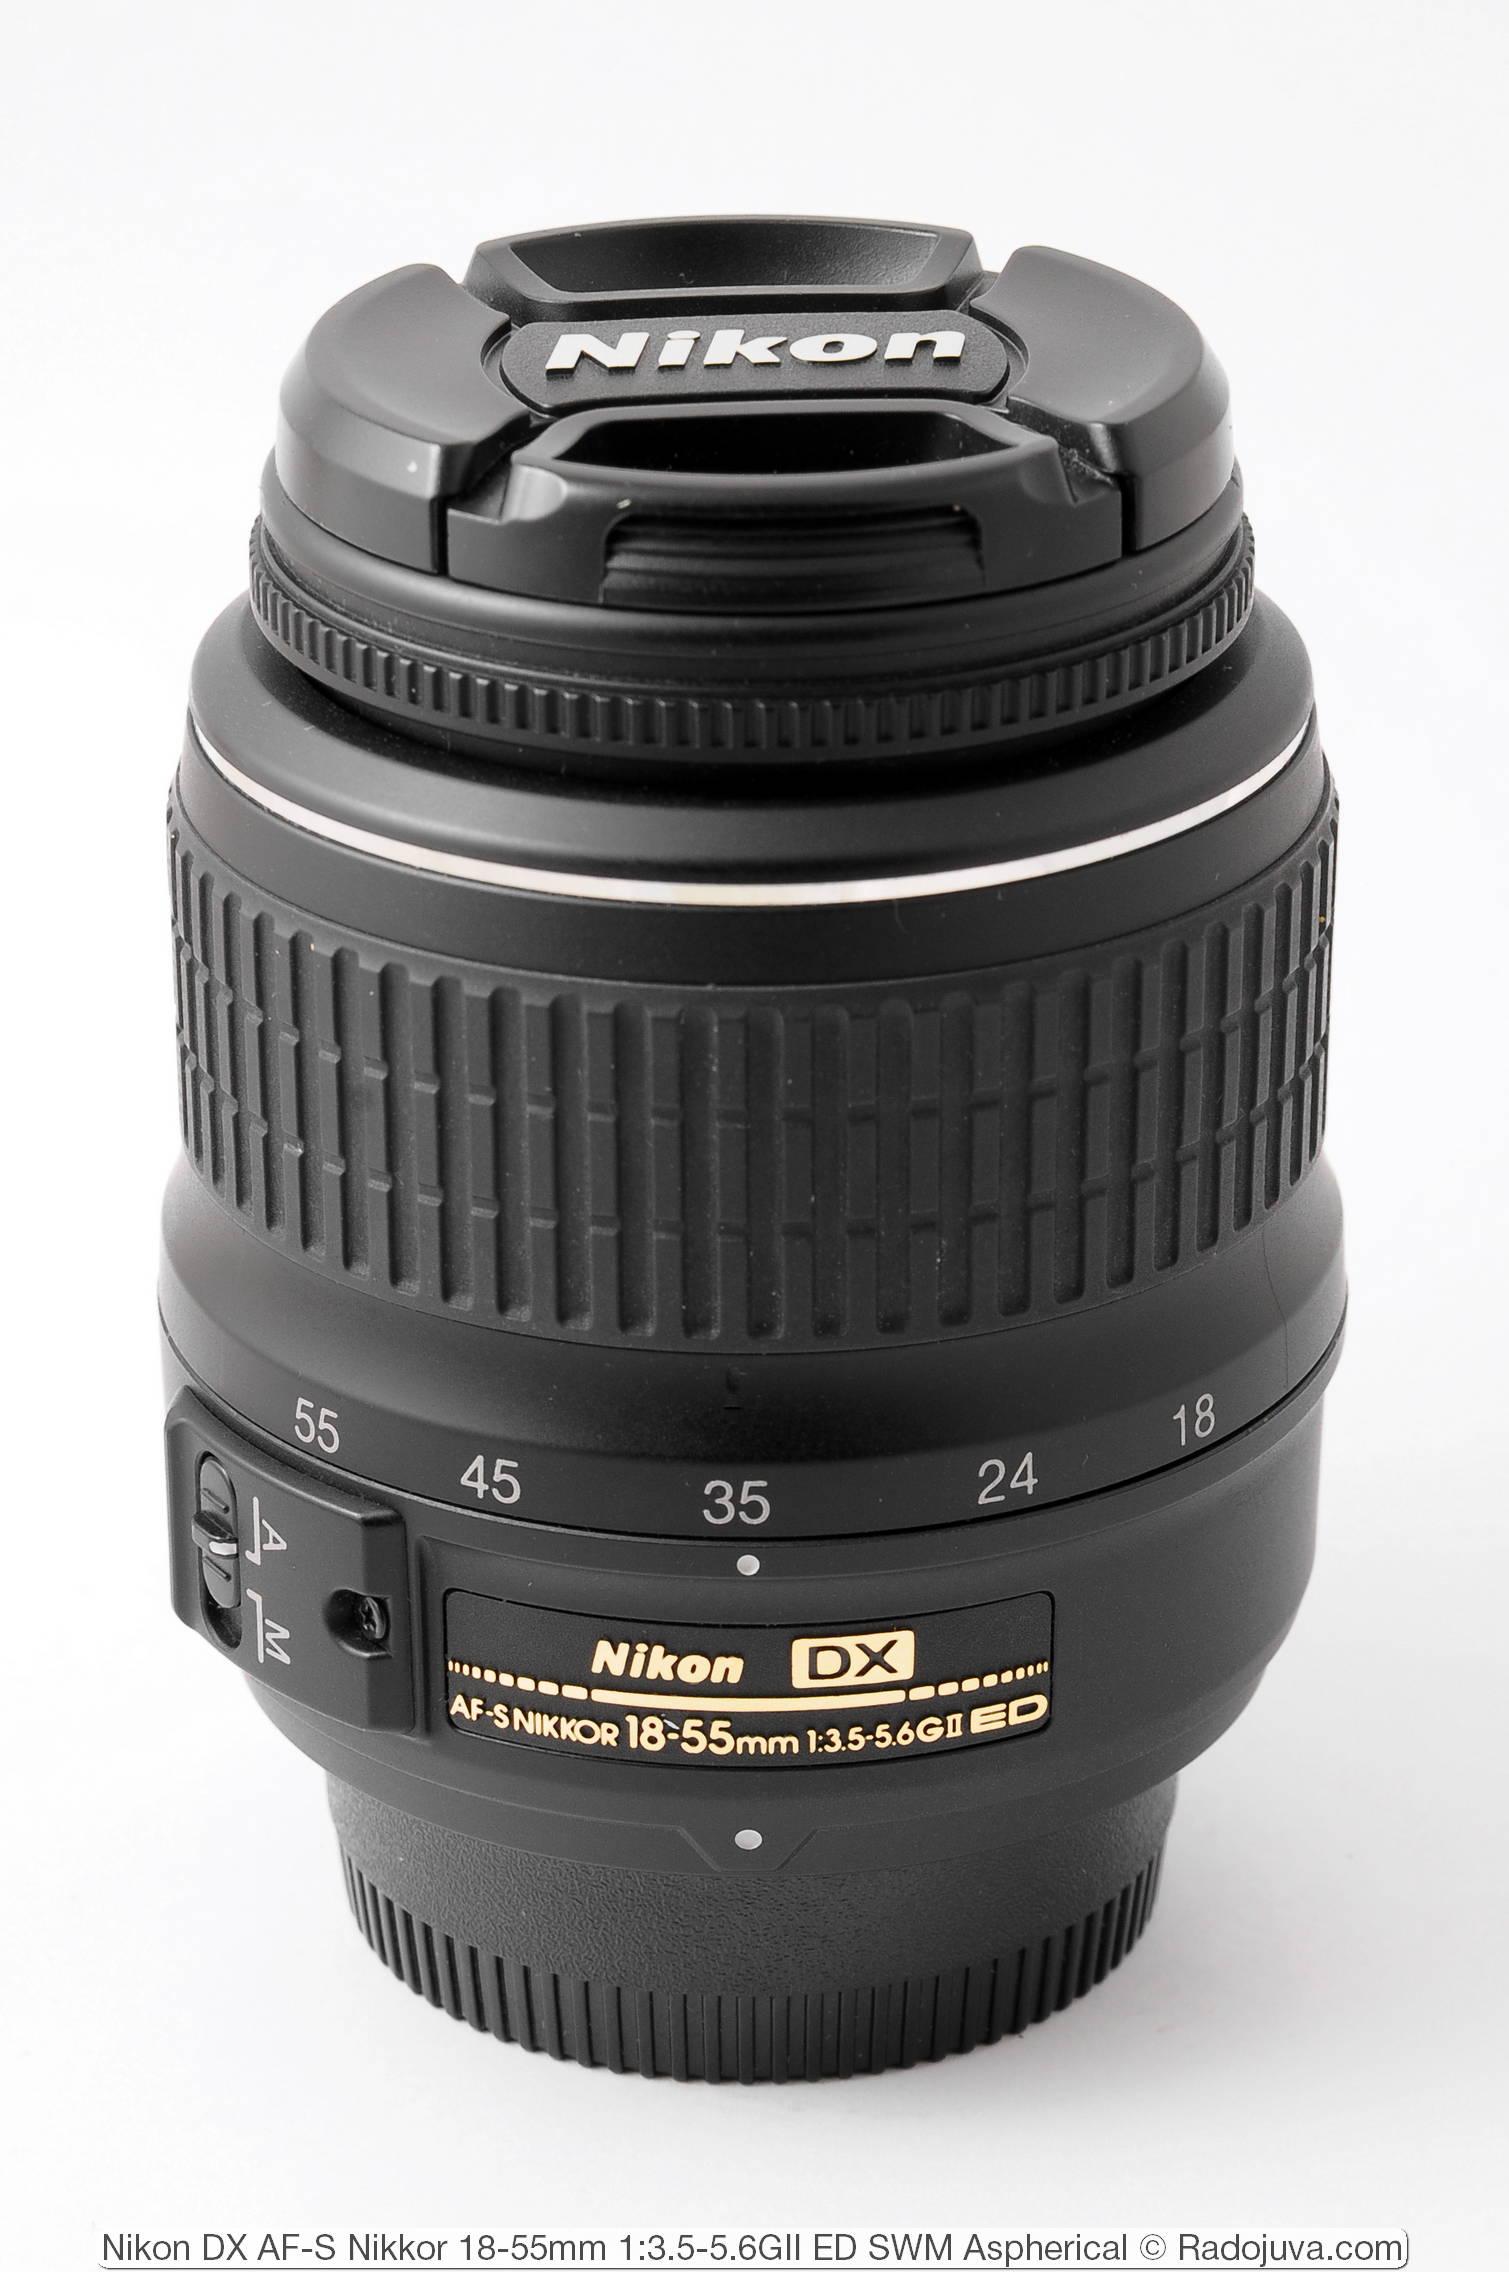 Nikon DX AF-S Nikkor 18-55mm 1:3.5-5.6GII ED SWM Aspherical